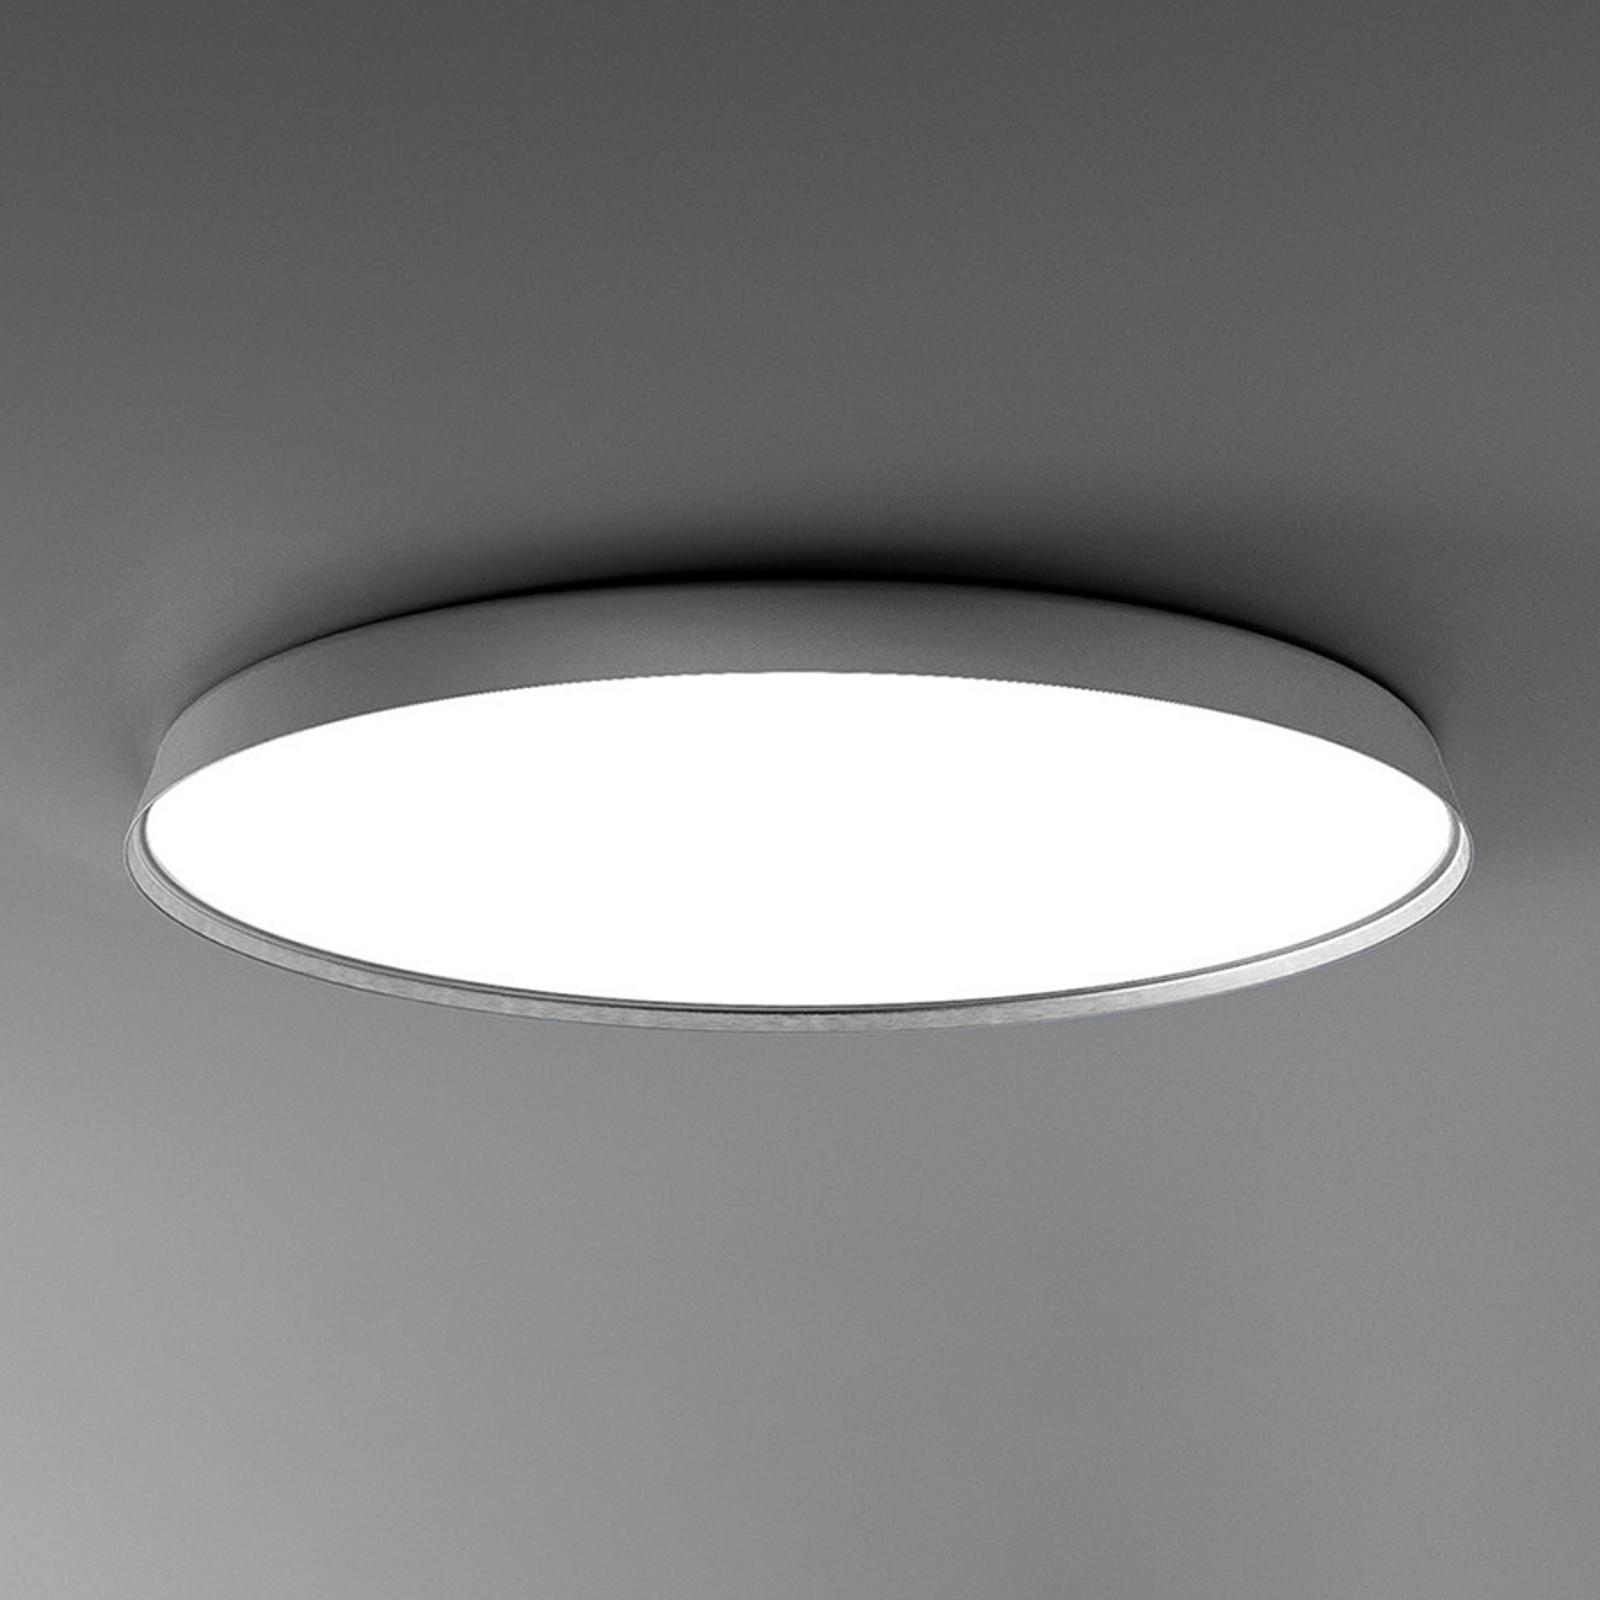 Luceplan Compendium Plate LED-Deckenlampe, alu